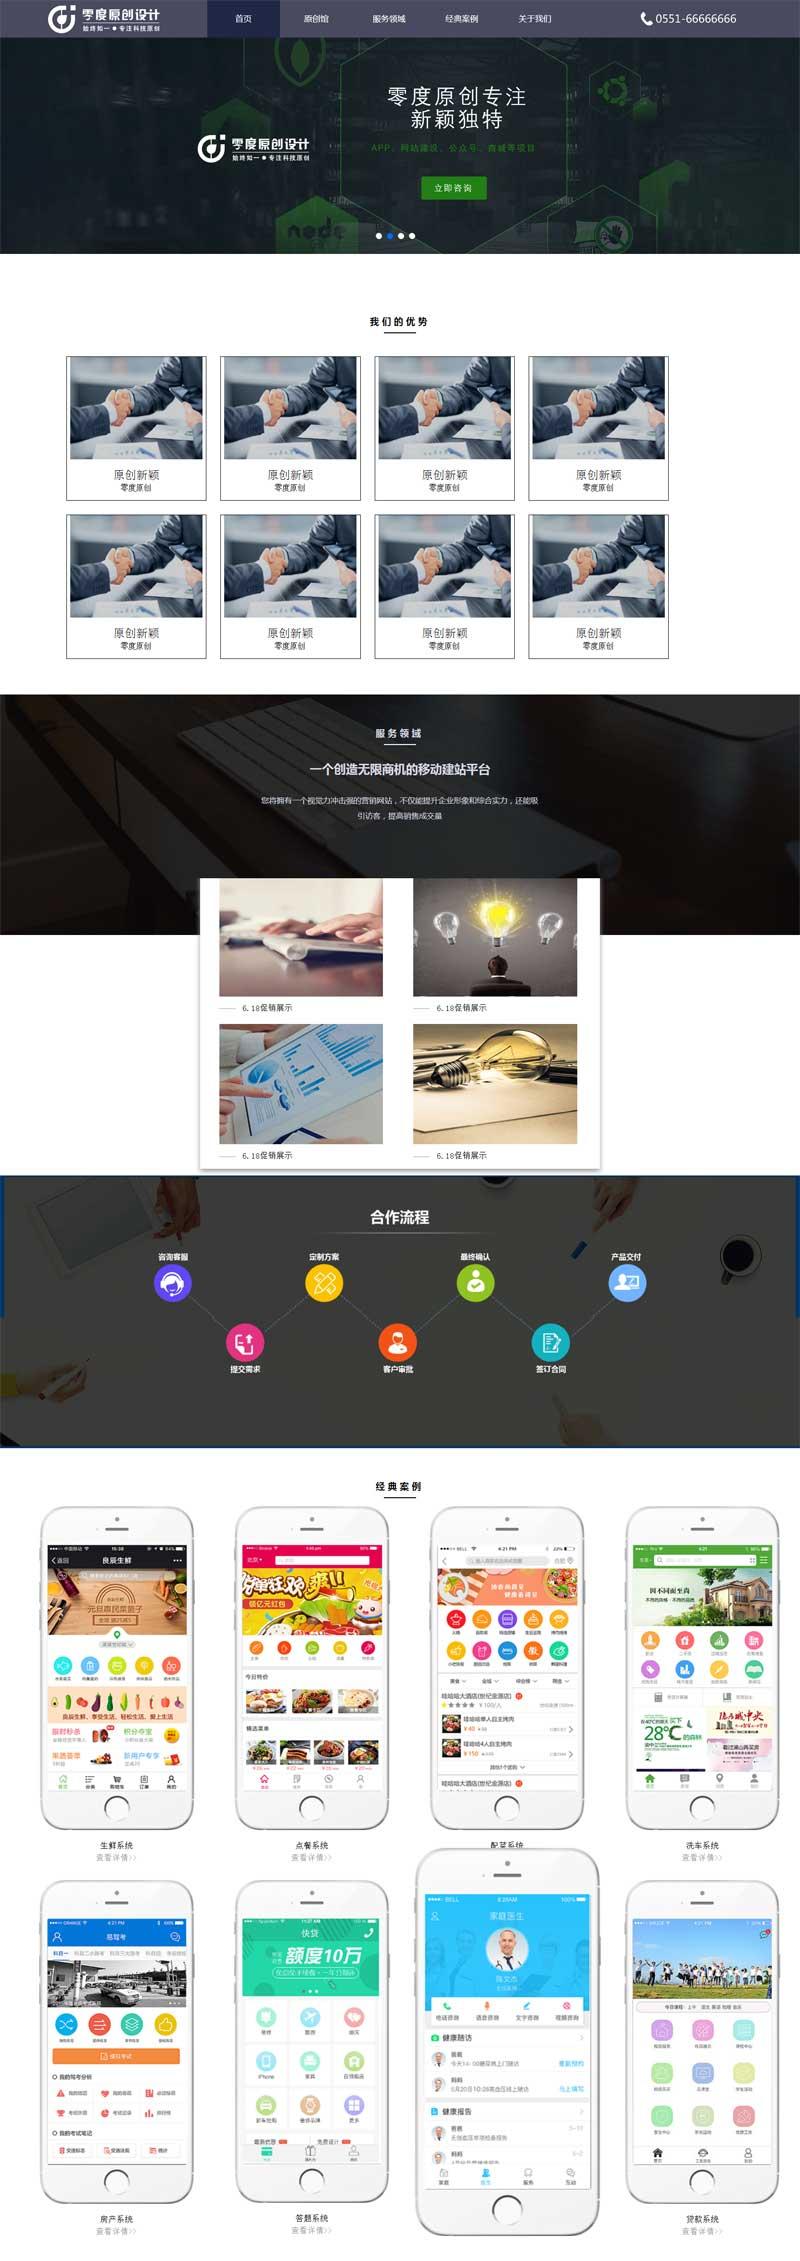 原创设计公司作品展示html5动画模板